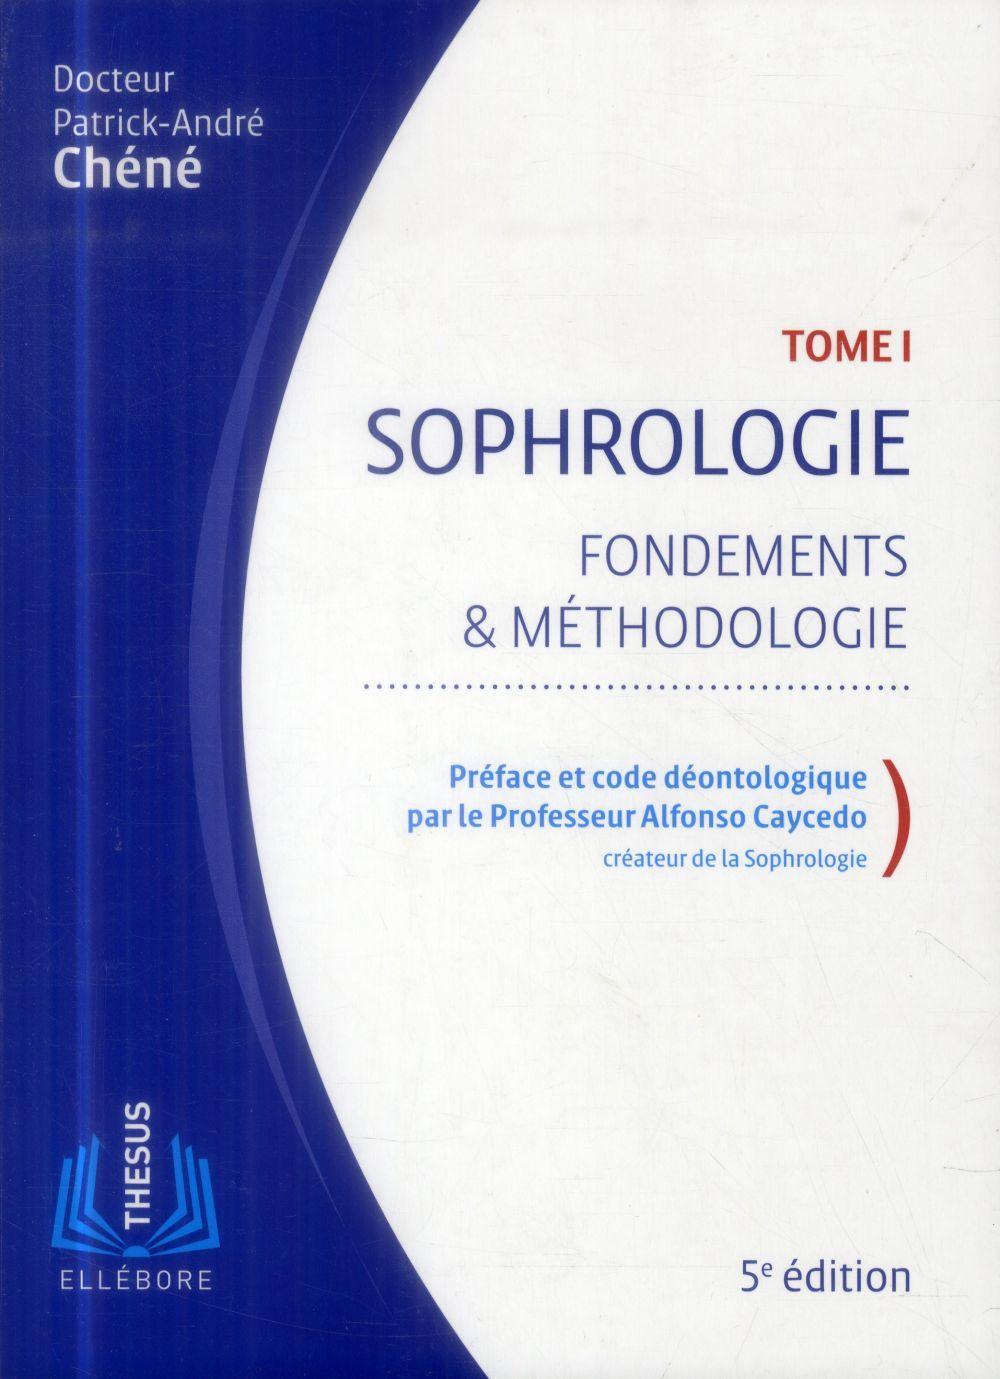 SOPHROLOGIE T1 - FONDEMENTS & METHODOLOGIE